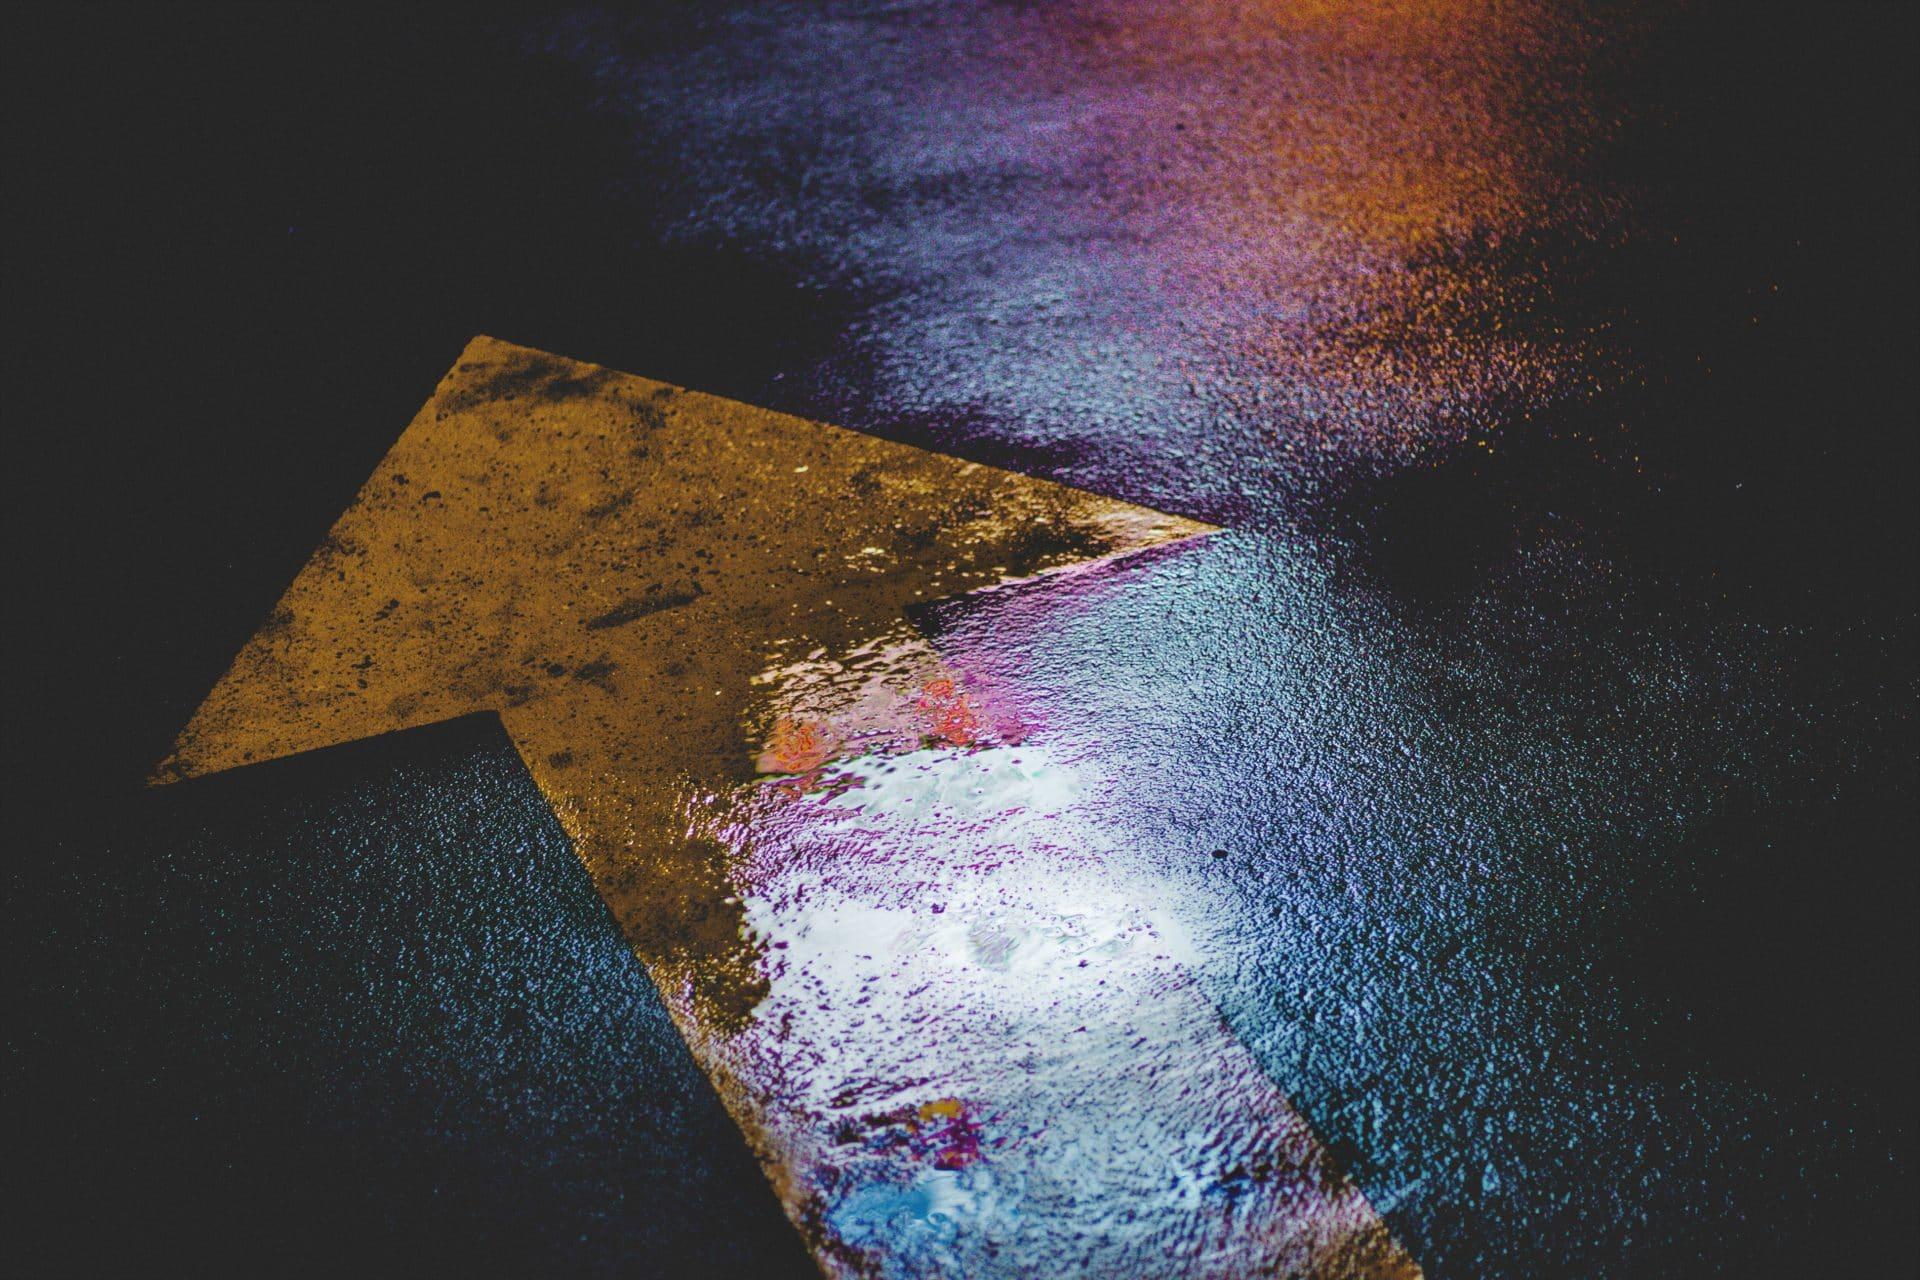 signalisation sur le sol humide d'une route avec une flèche jaune indiquant d'aller tout droit